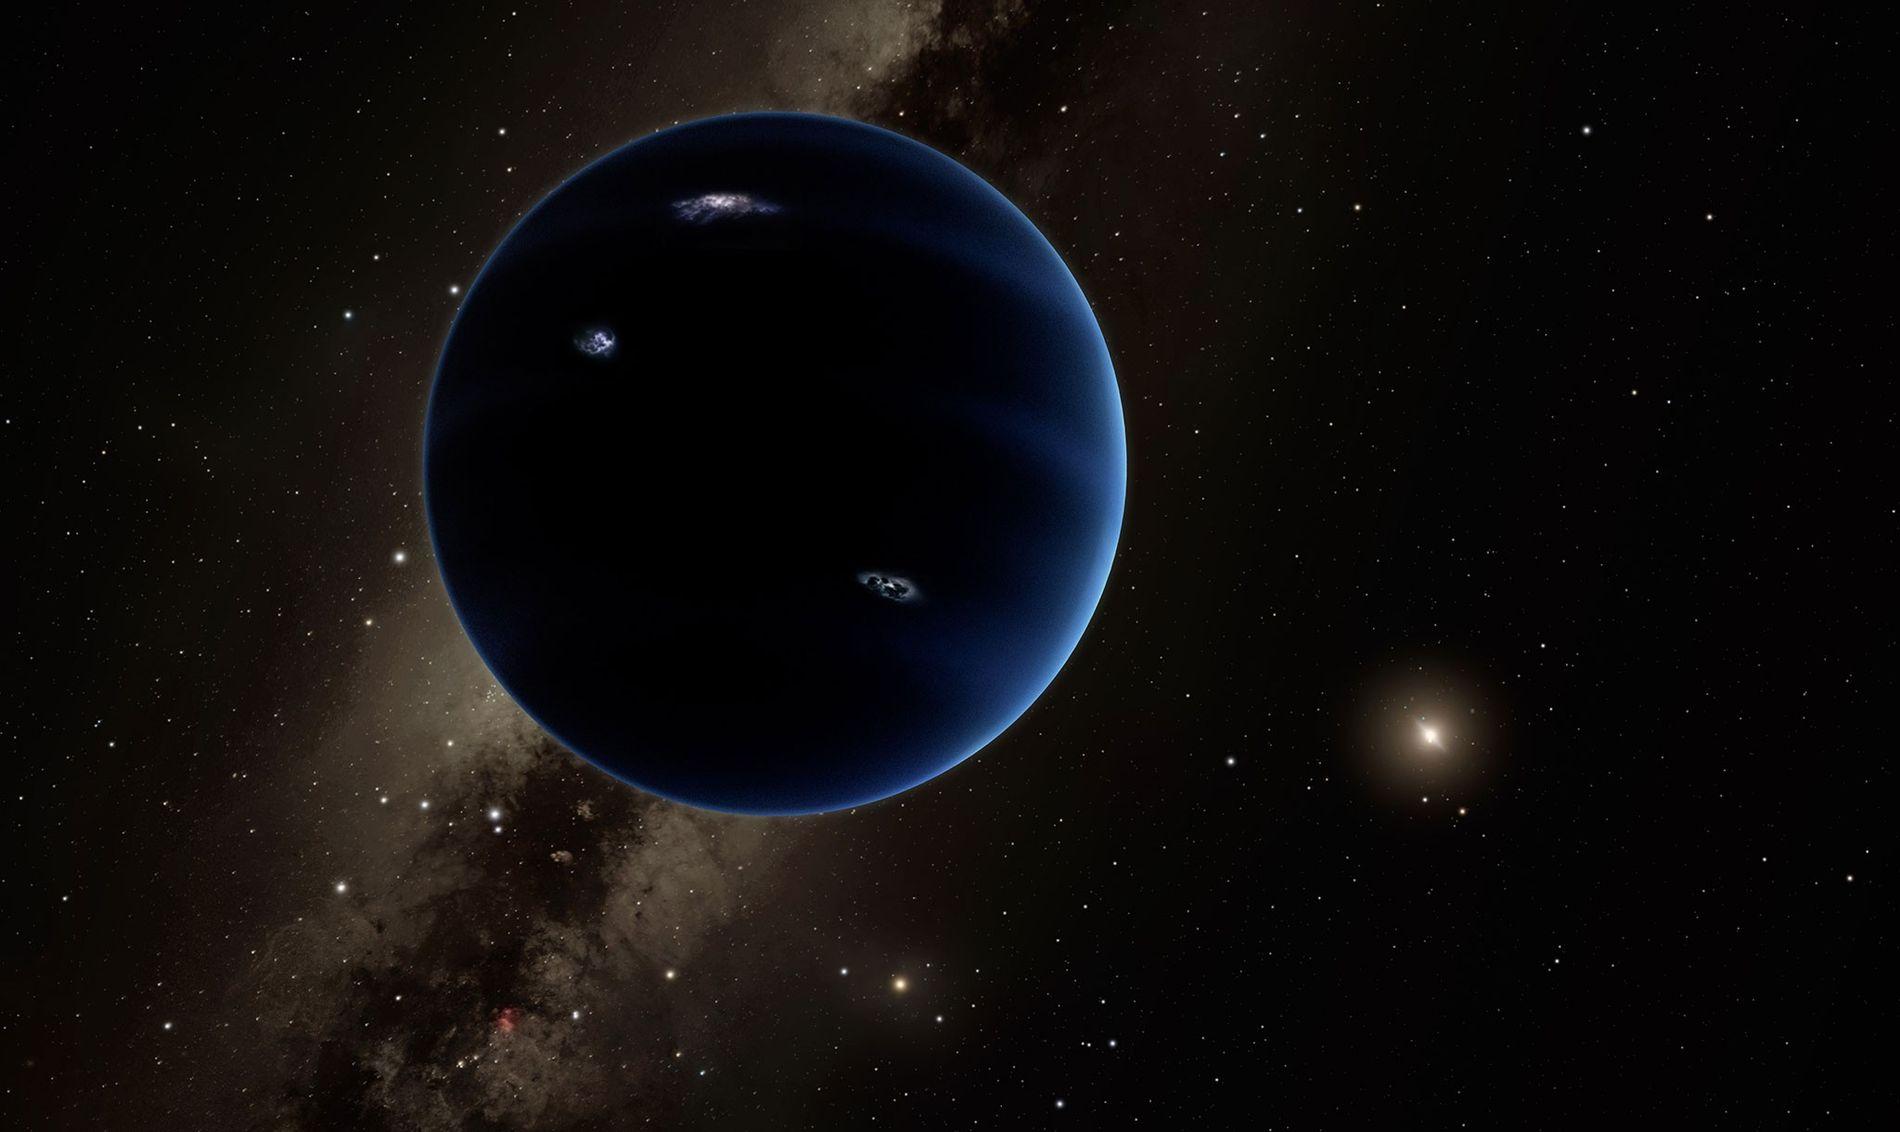 Un gran noveno planeta puede asomarse en las profundidades del sistema solar externo. El planeta, que se ilustra aquí, está lejos del Sol y se cree que es gaseoso como Urano y Neptuno, aunque más pequeño que los gigantes de hielo.